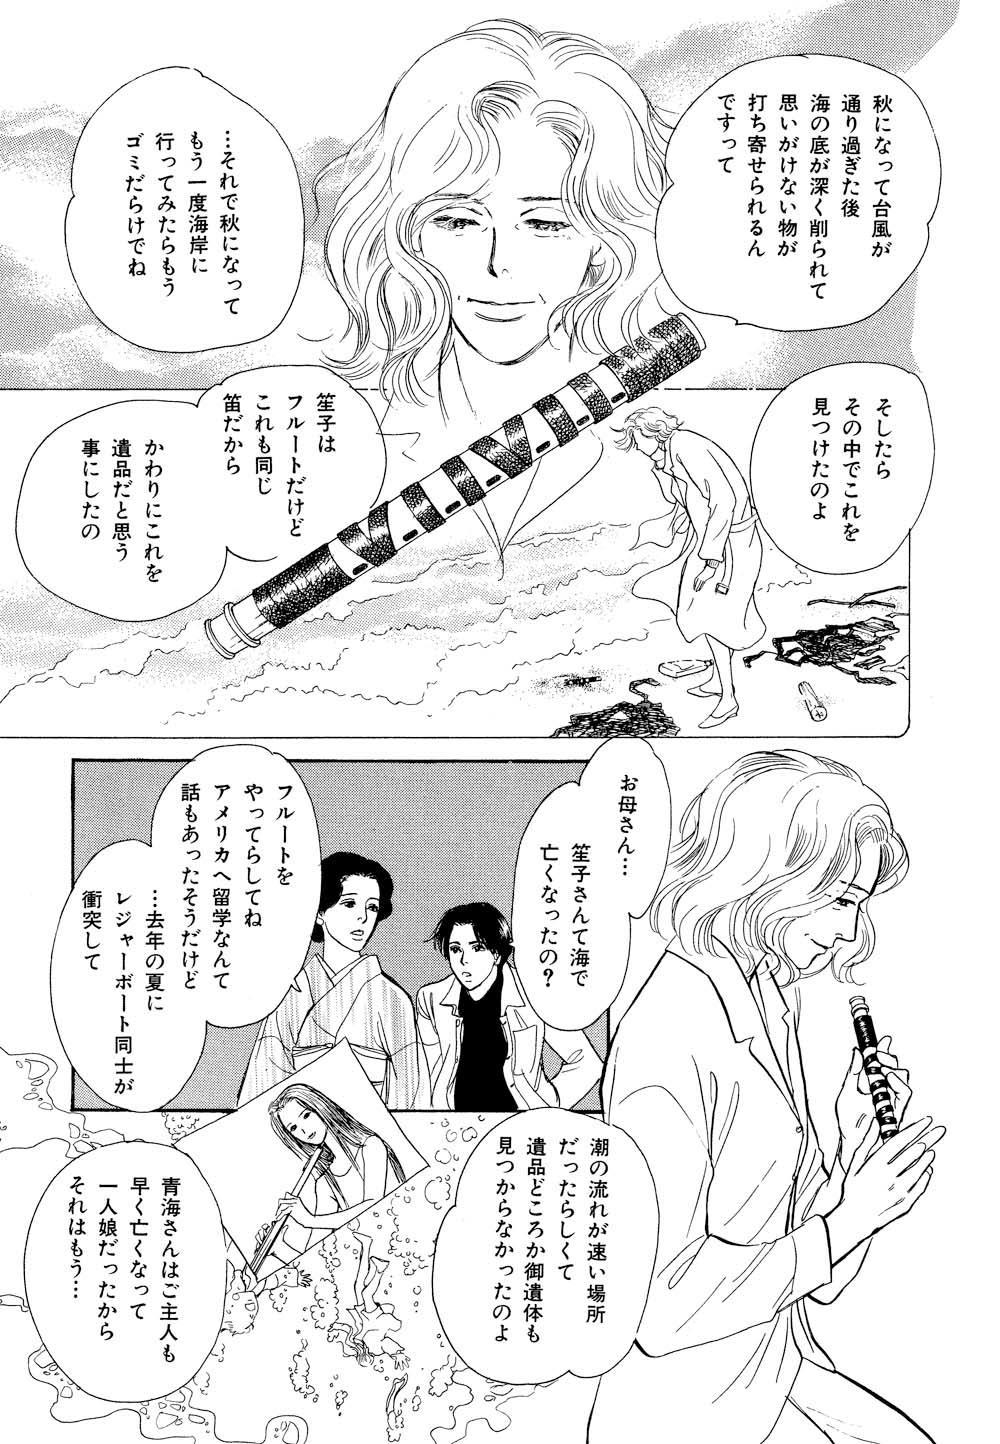 百鬼夜行抄_09_0137.jpg